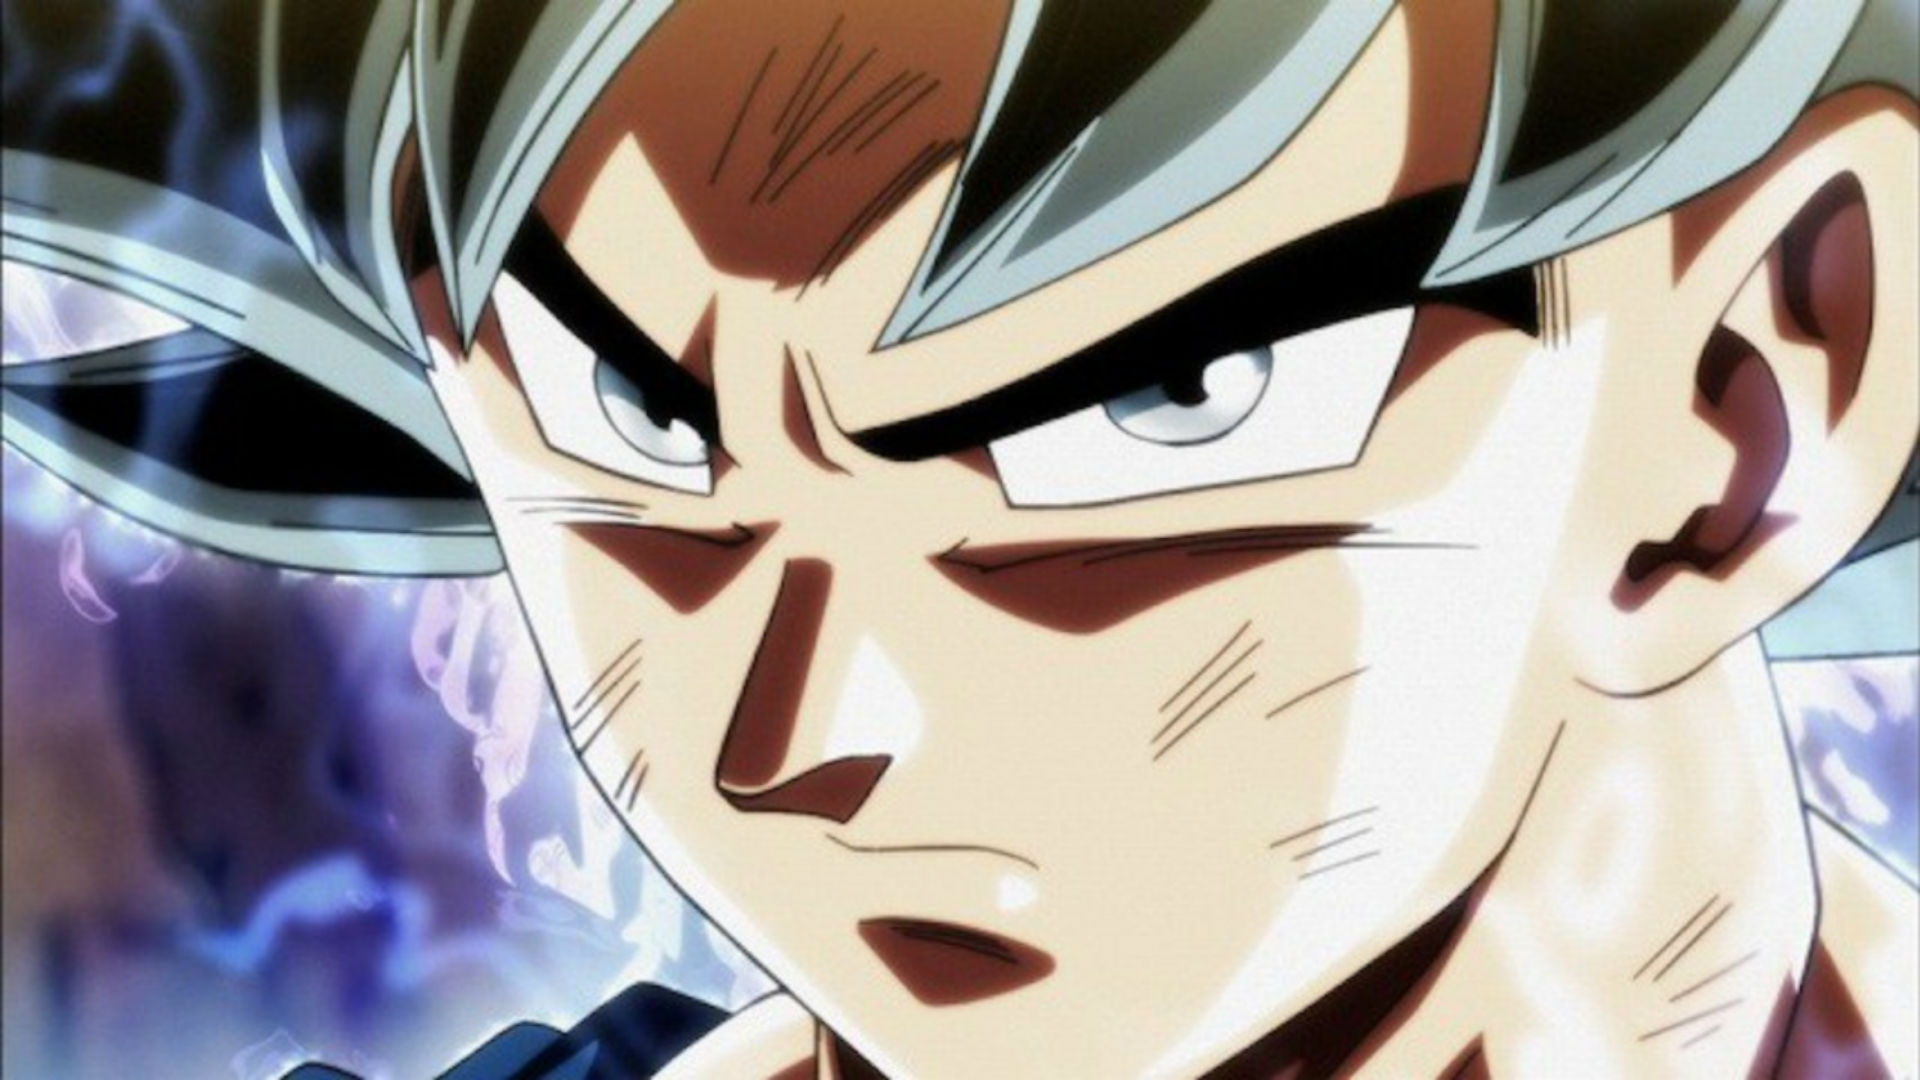 Ultra Instinct Goku Wallpaper Hd